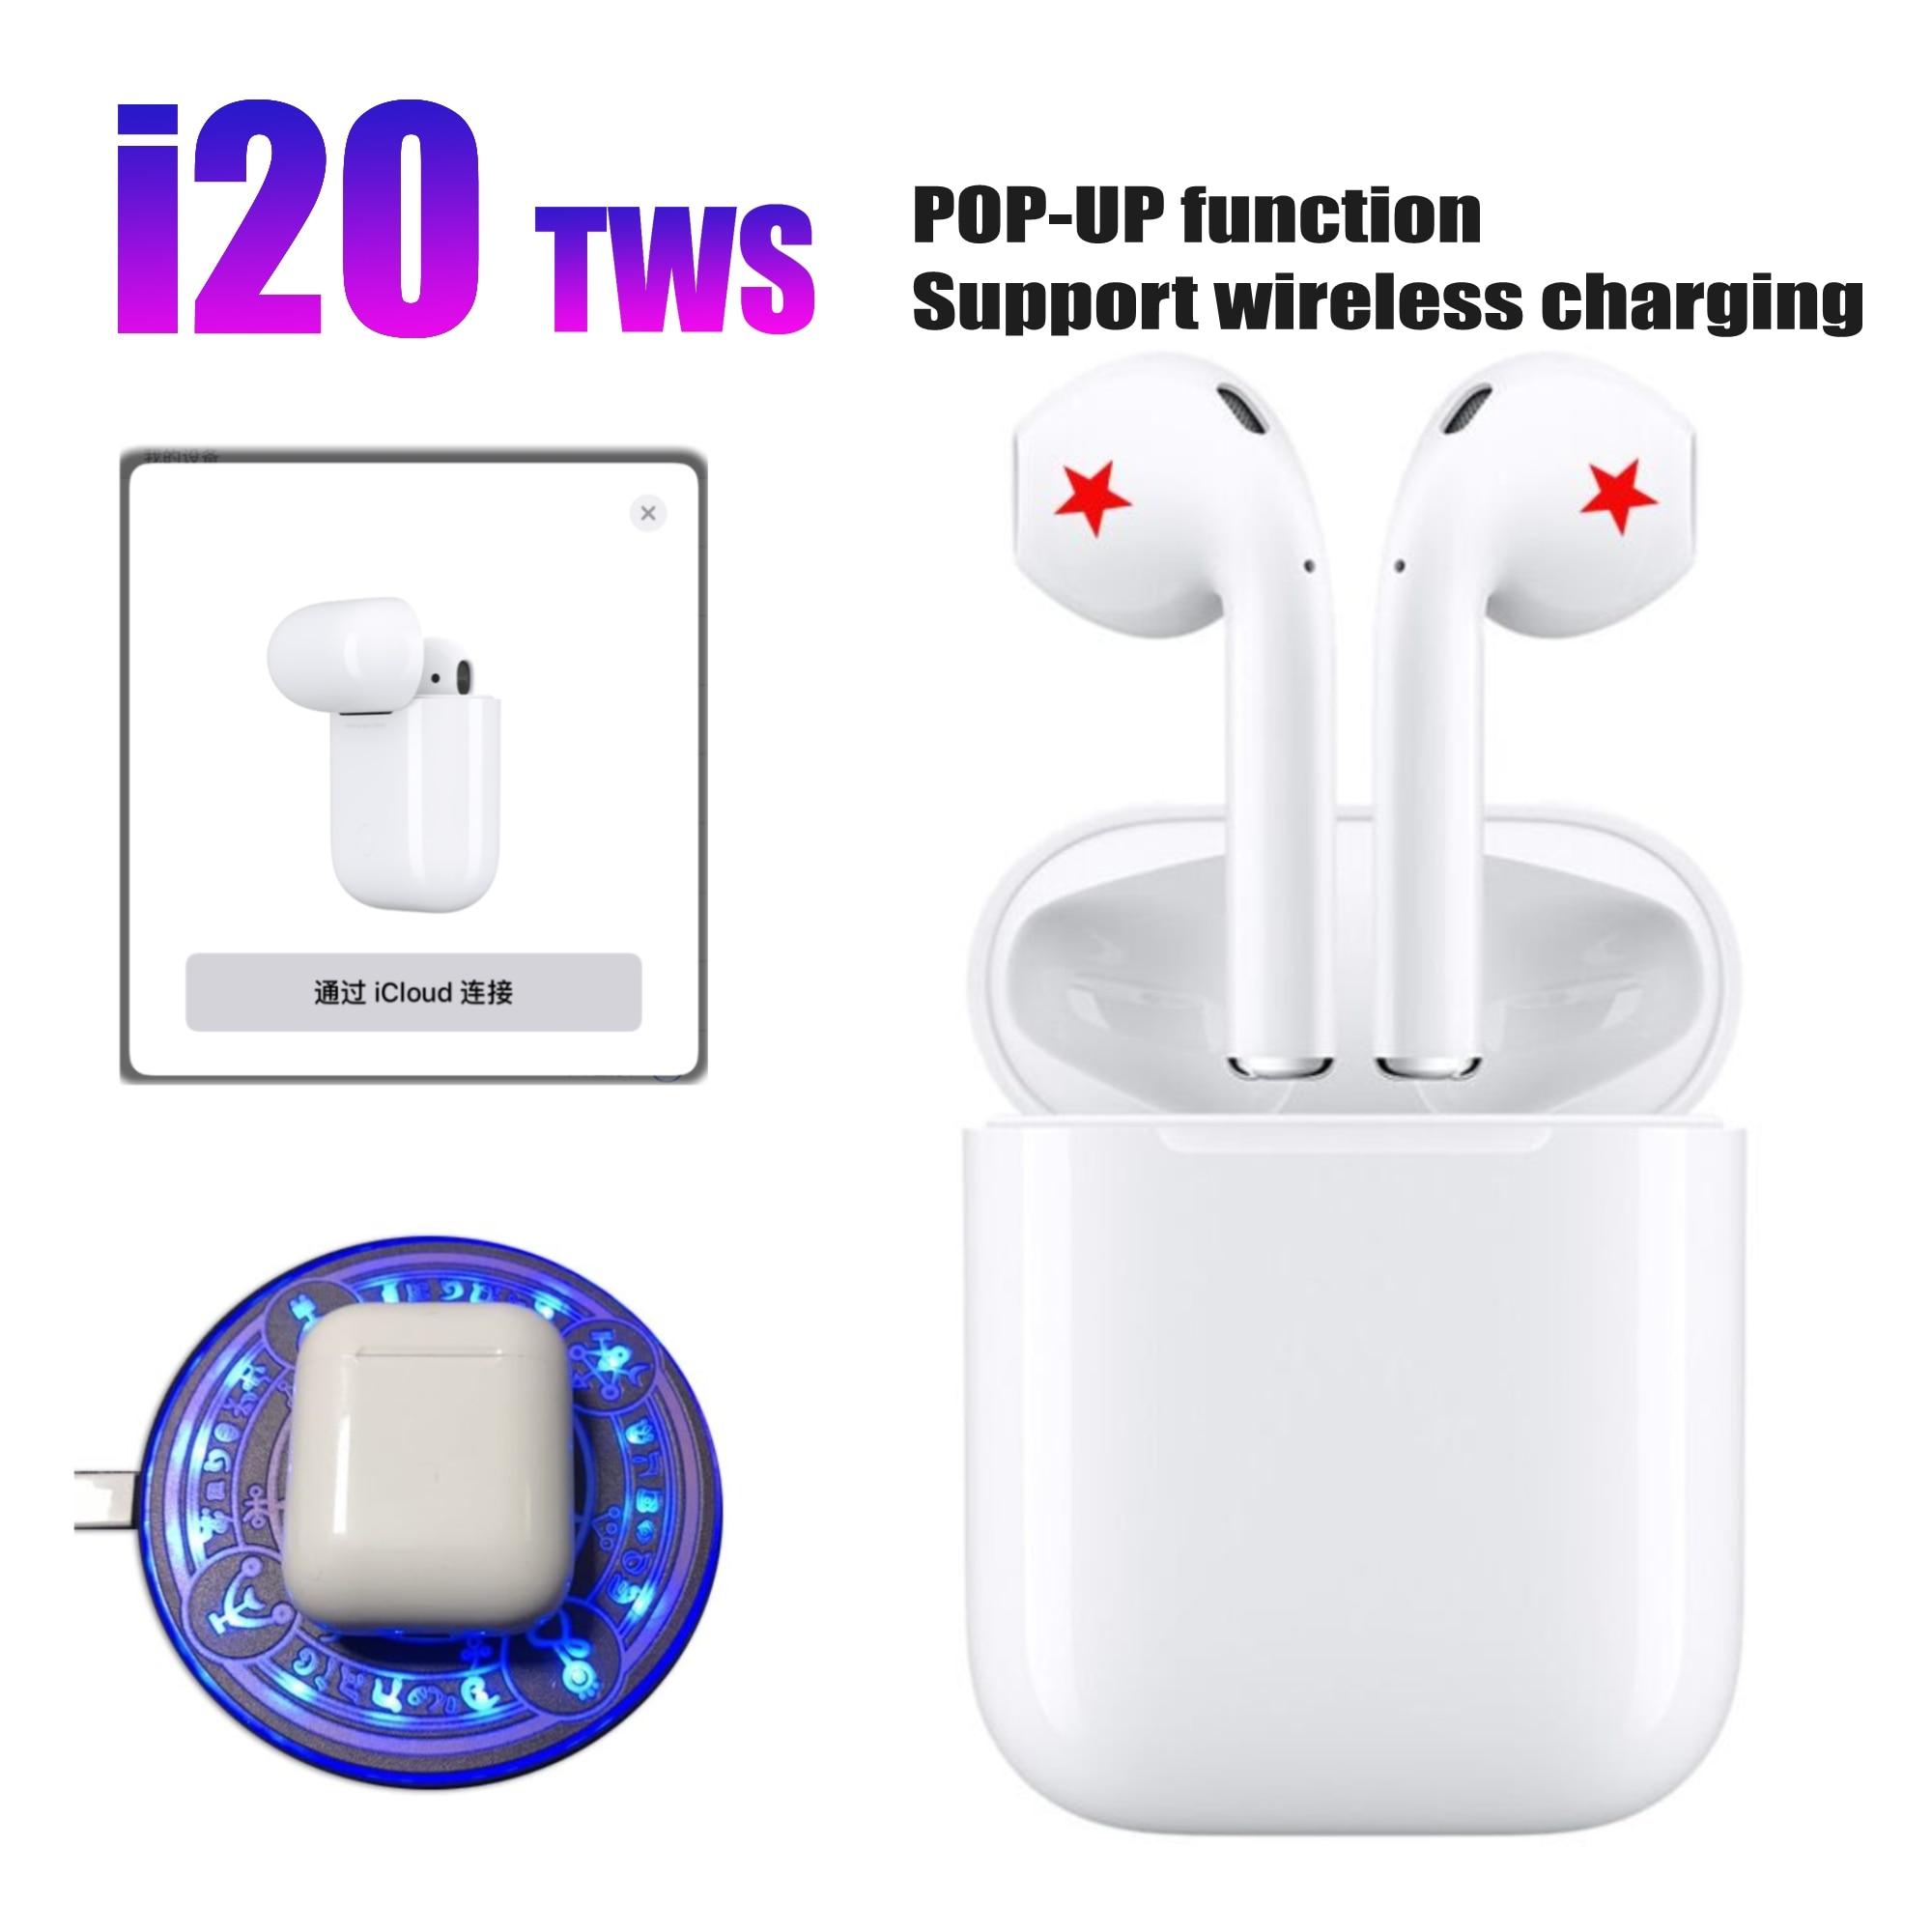 Новые i20 TWS Pop up Bluetooth 50 наушники 4D супер бас звук наушники беспроводные наушники для всех смартфонов лучше i10 i15tws купить на AliExpress